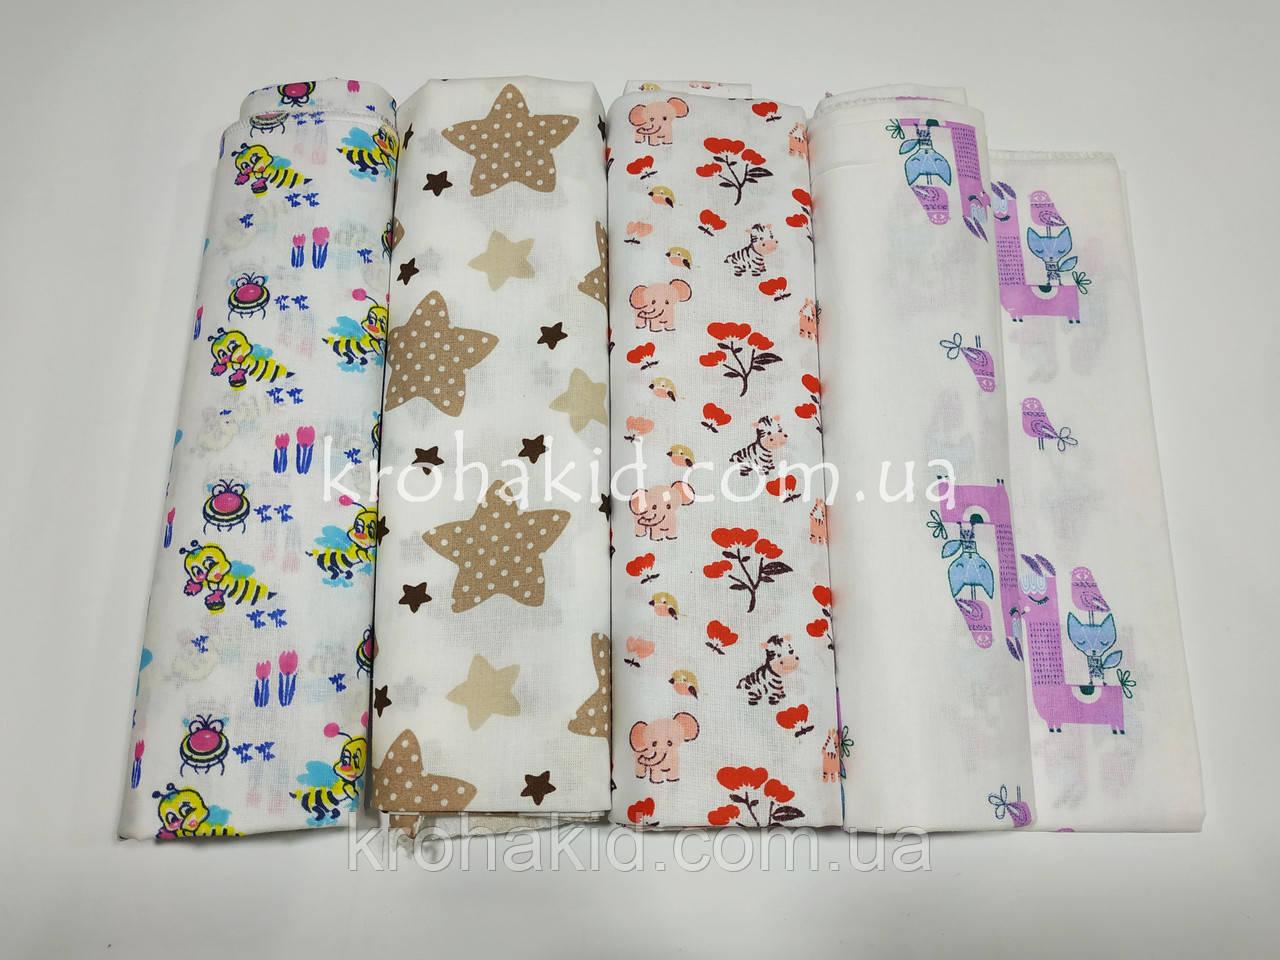 Набор детских ситцевых пеленок (4 шт) для девочки - 90 х 110 см